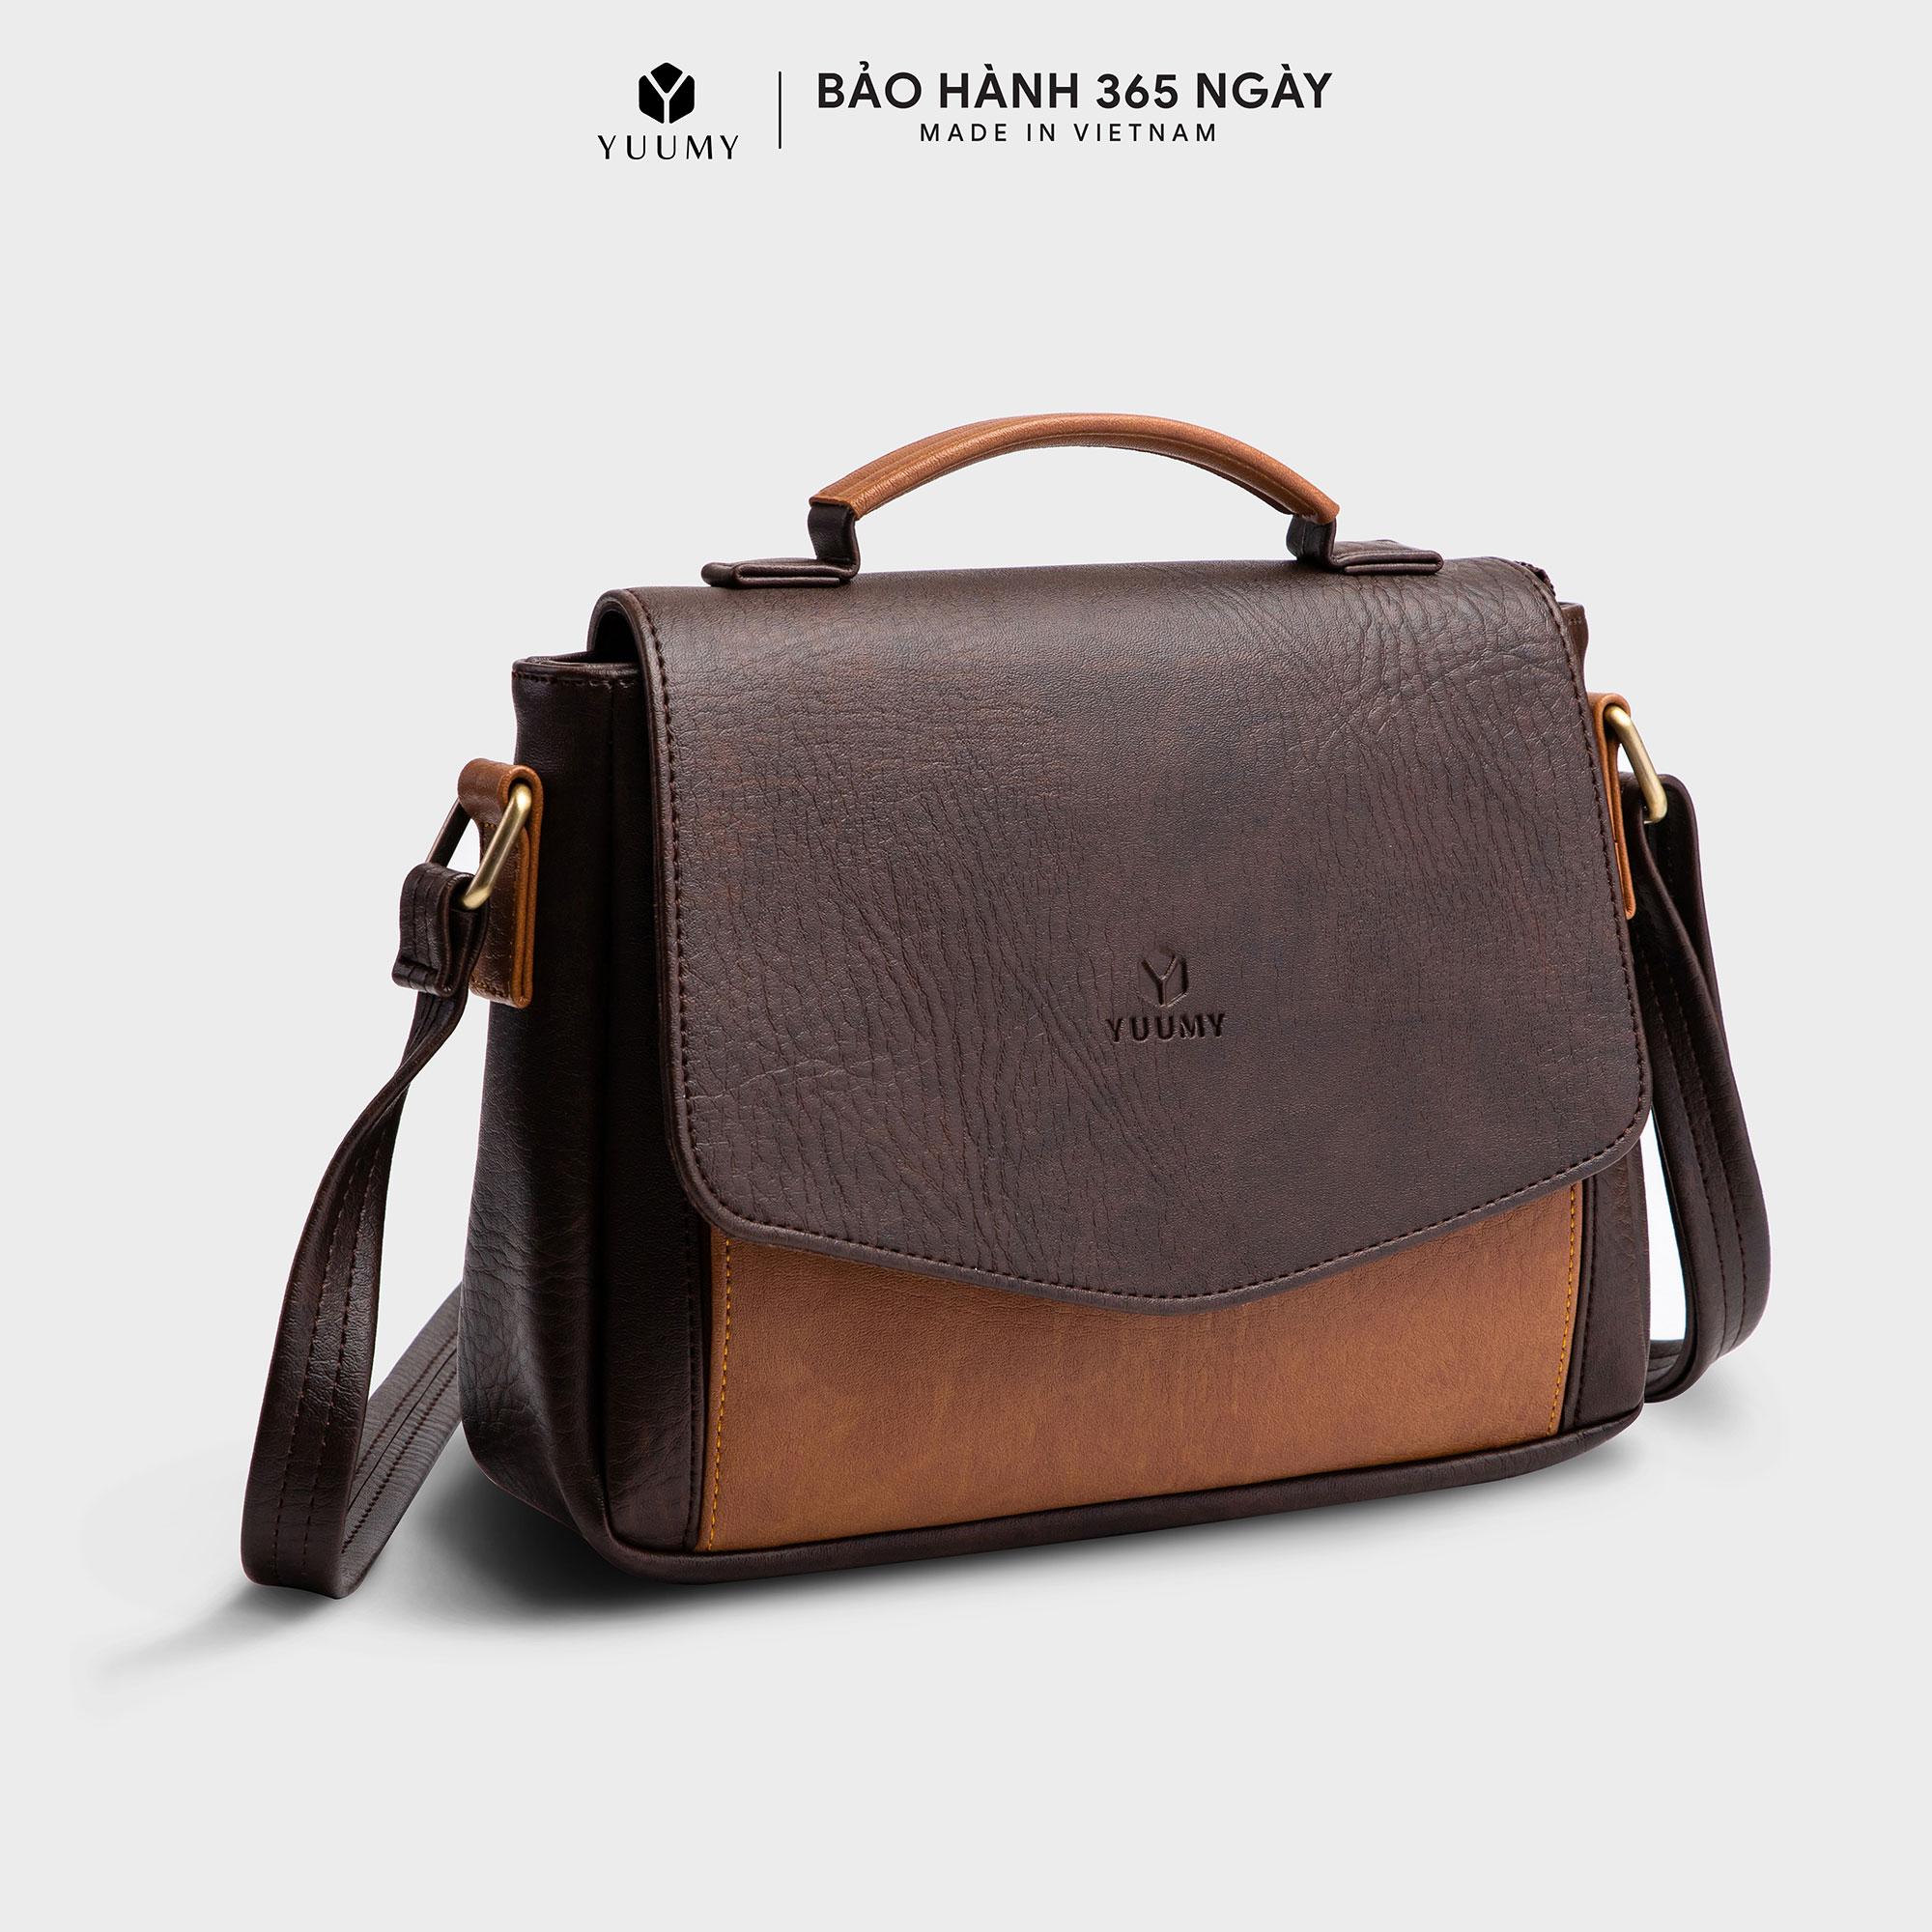 Túi đeo chéo thời trang nữ YUUMY YN31 thiết kế tối ưu ngăn đựng giúp nàng thoải mái trong các...